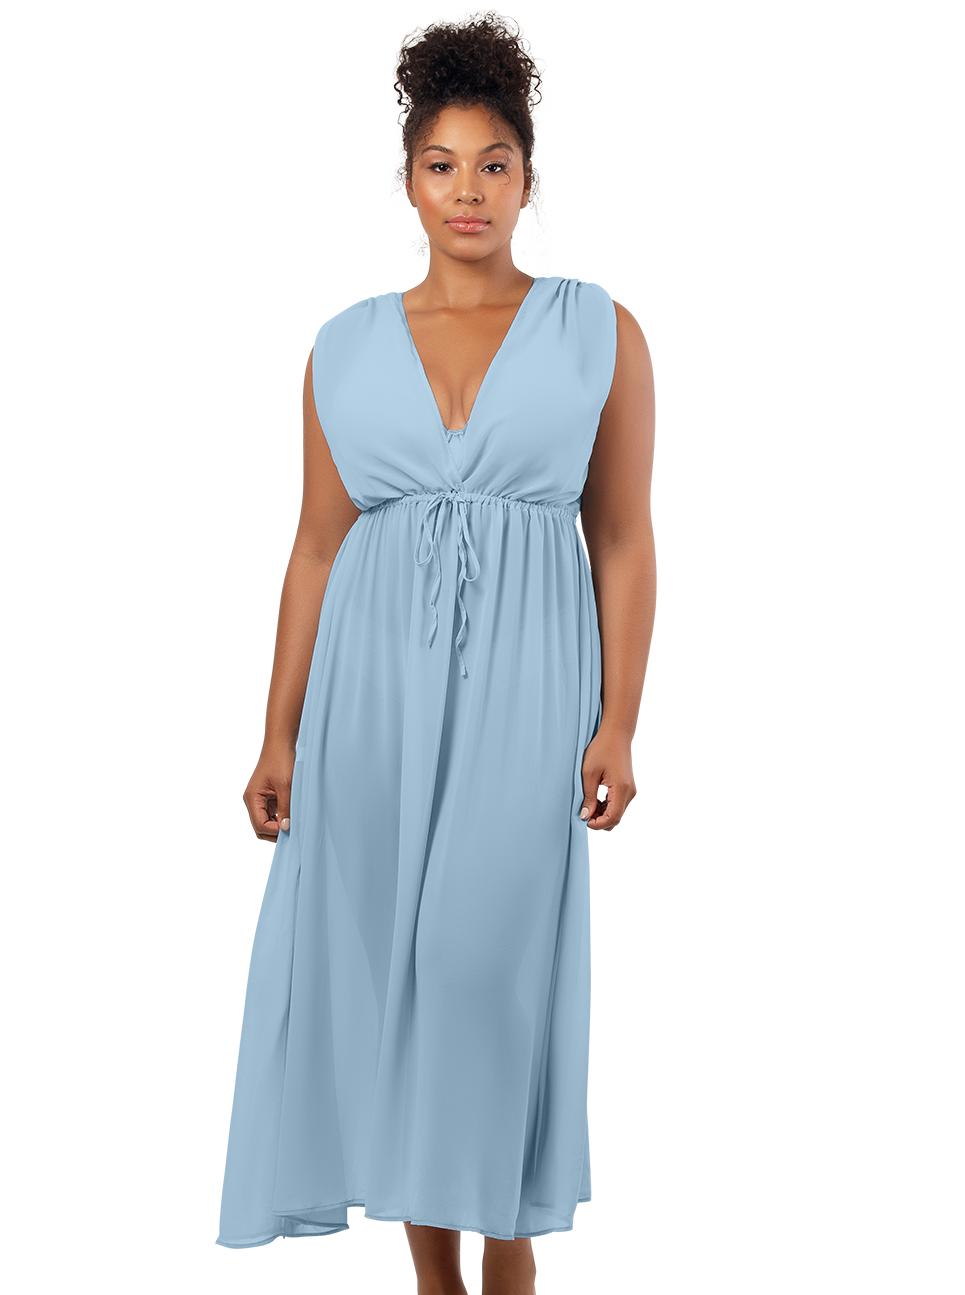 PARFAIT Rita BeachDressS8149 DreamBlue Front1 - Rita Beach Dress Dream Blue S8149